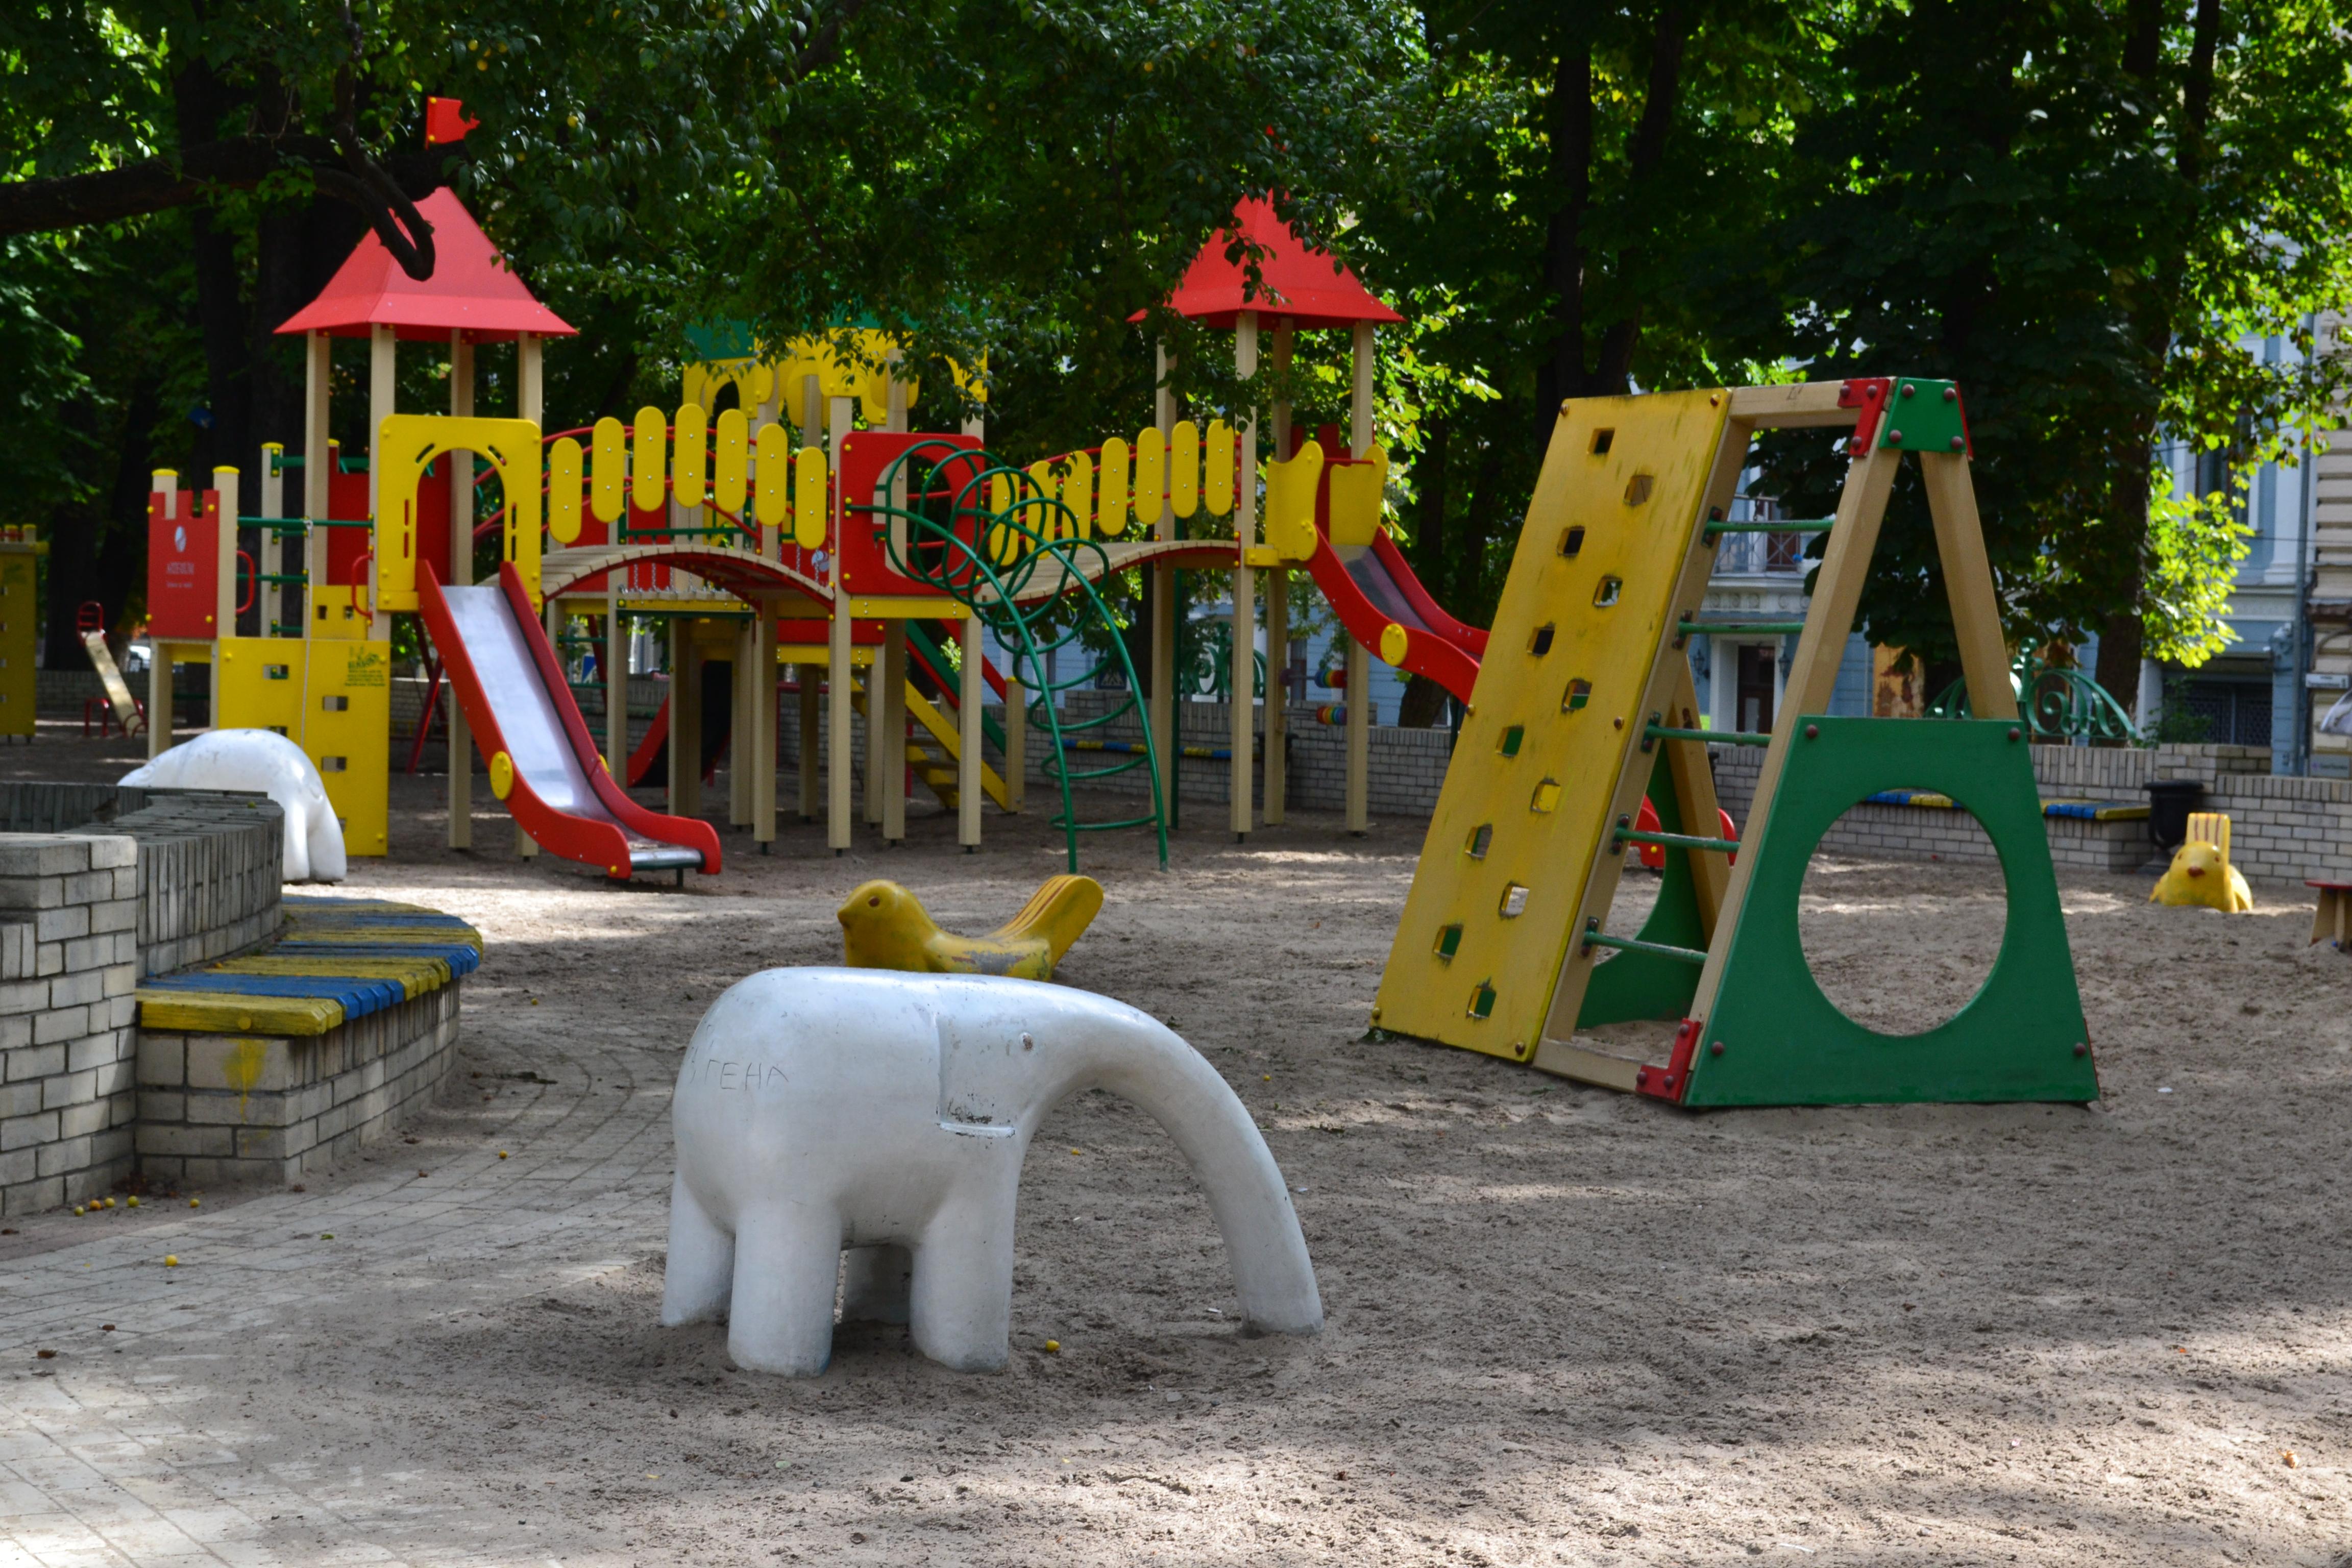 куда пойти с детьми киев, Площадка в сквере на Михайловской площади